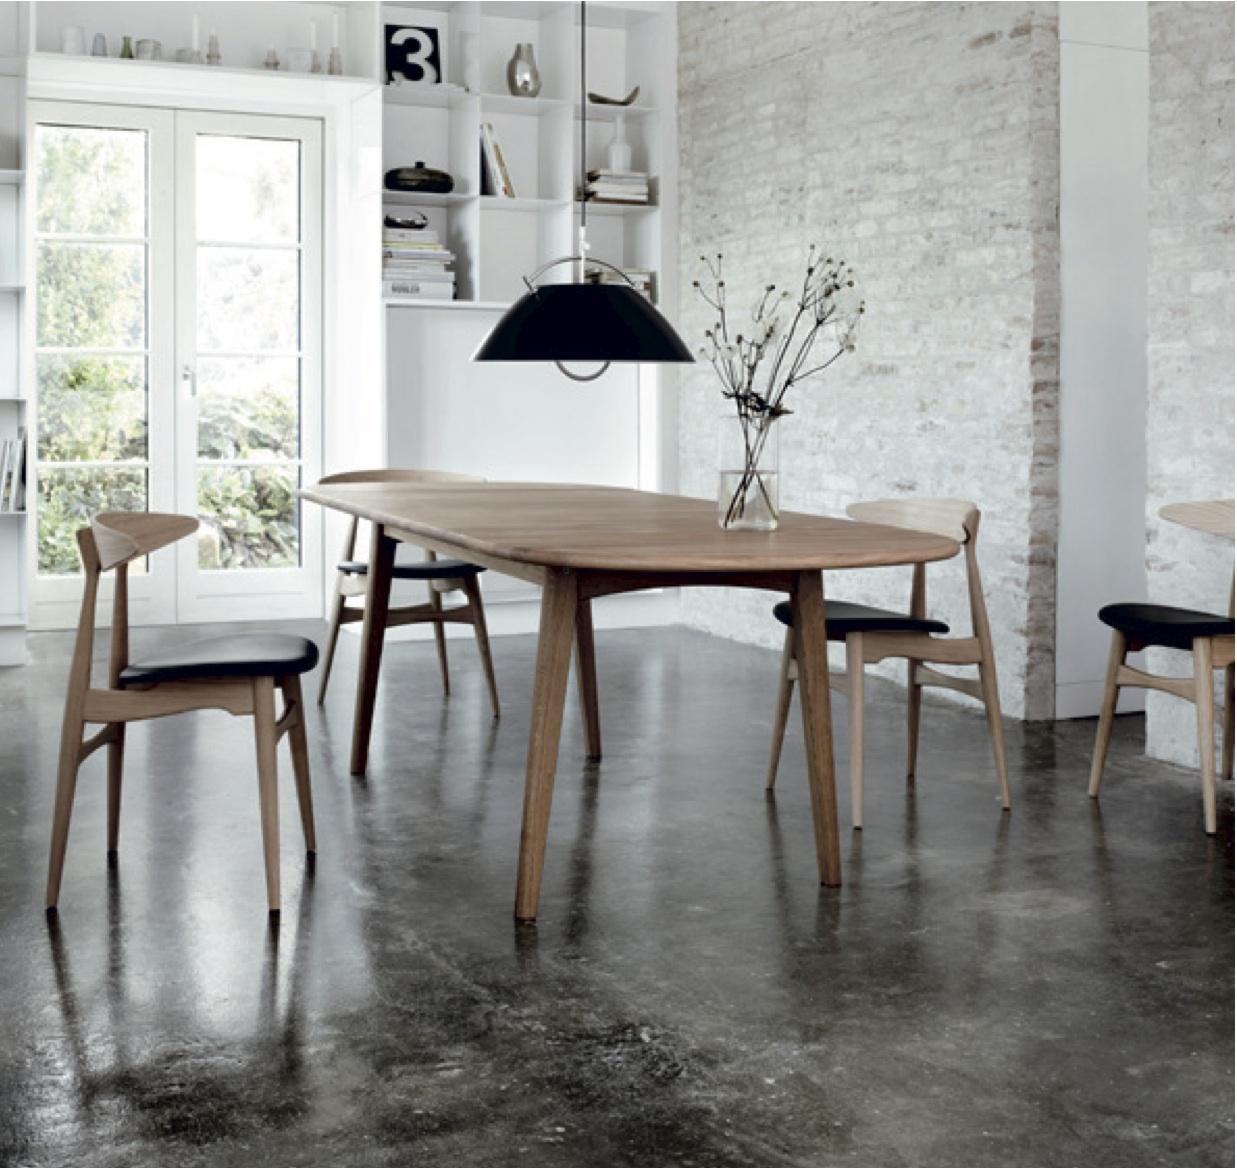 hanswegner, carlhansen, dansk design